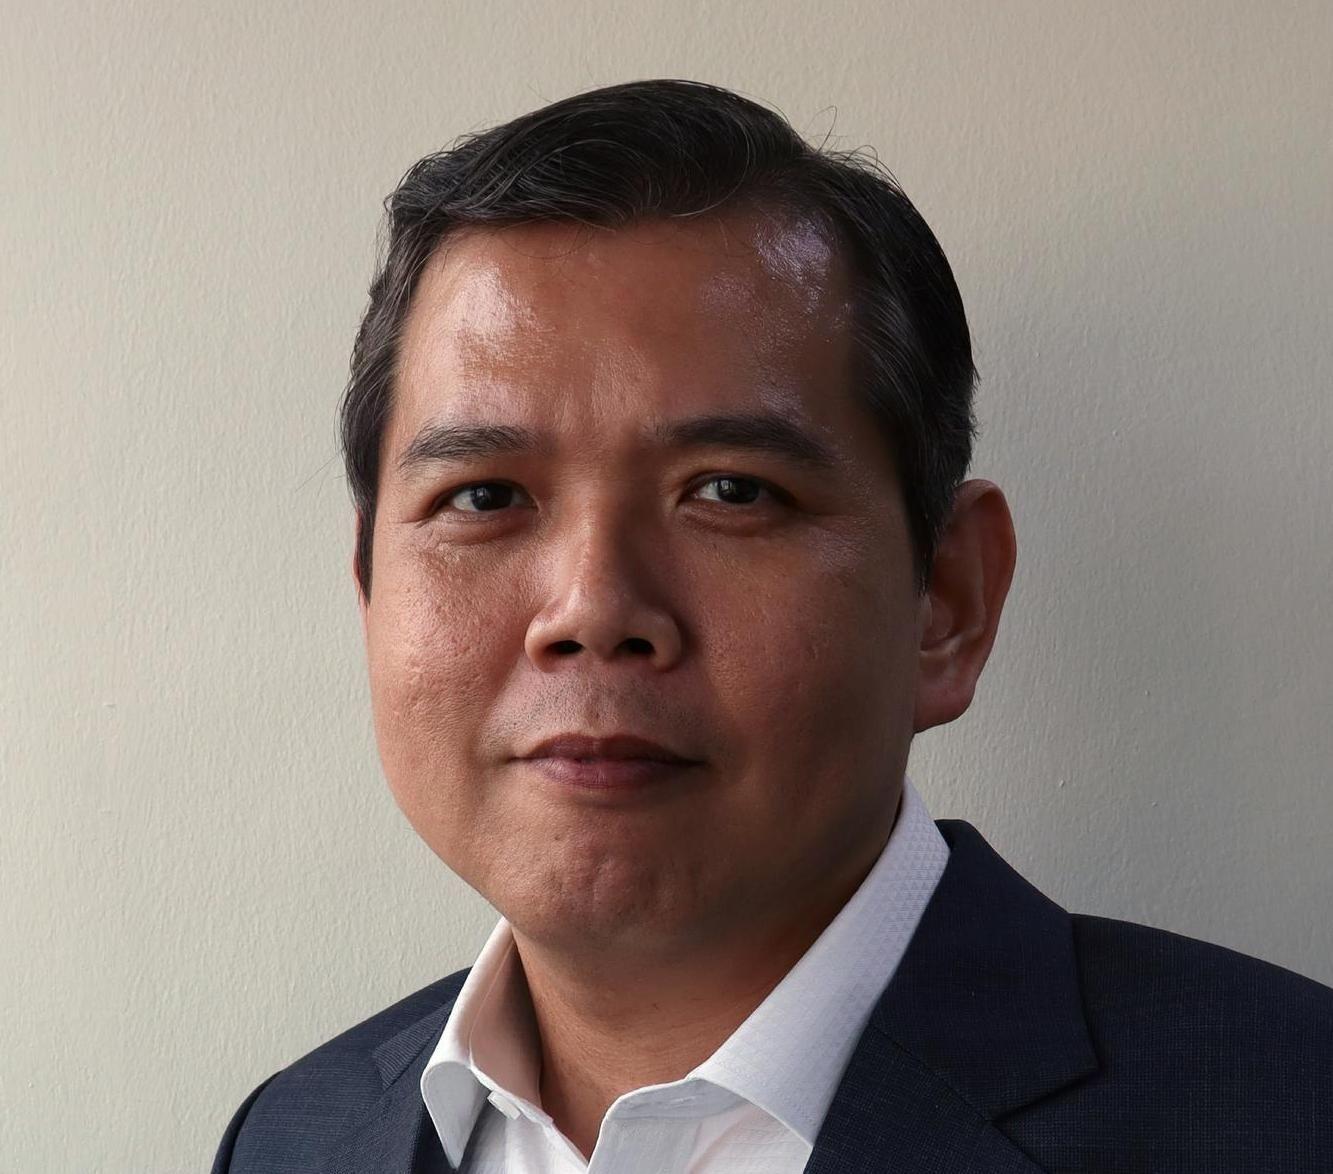 Leng Fong Lau